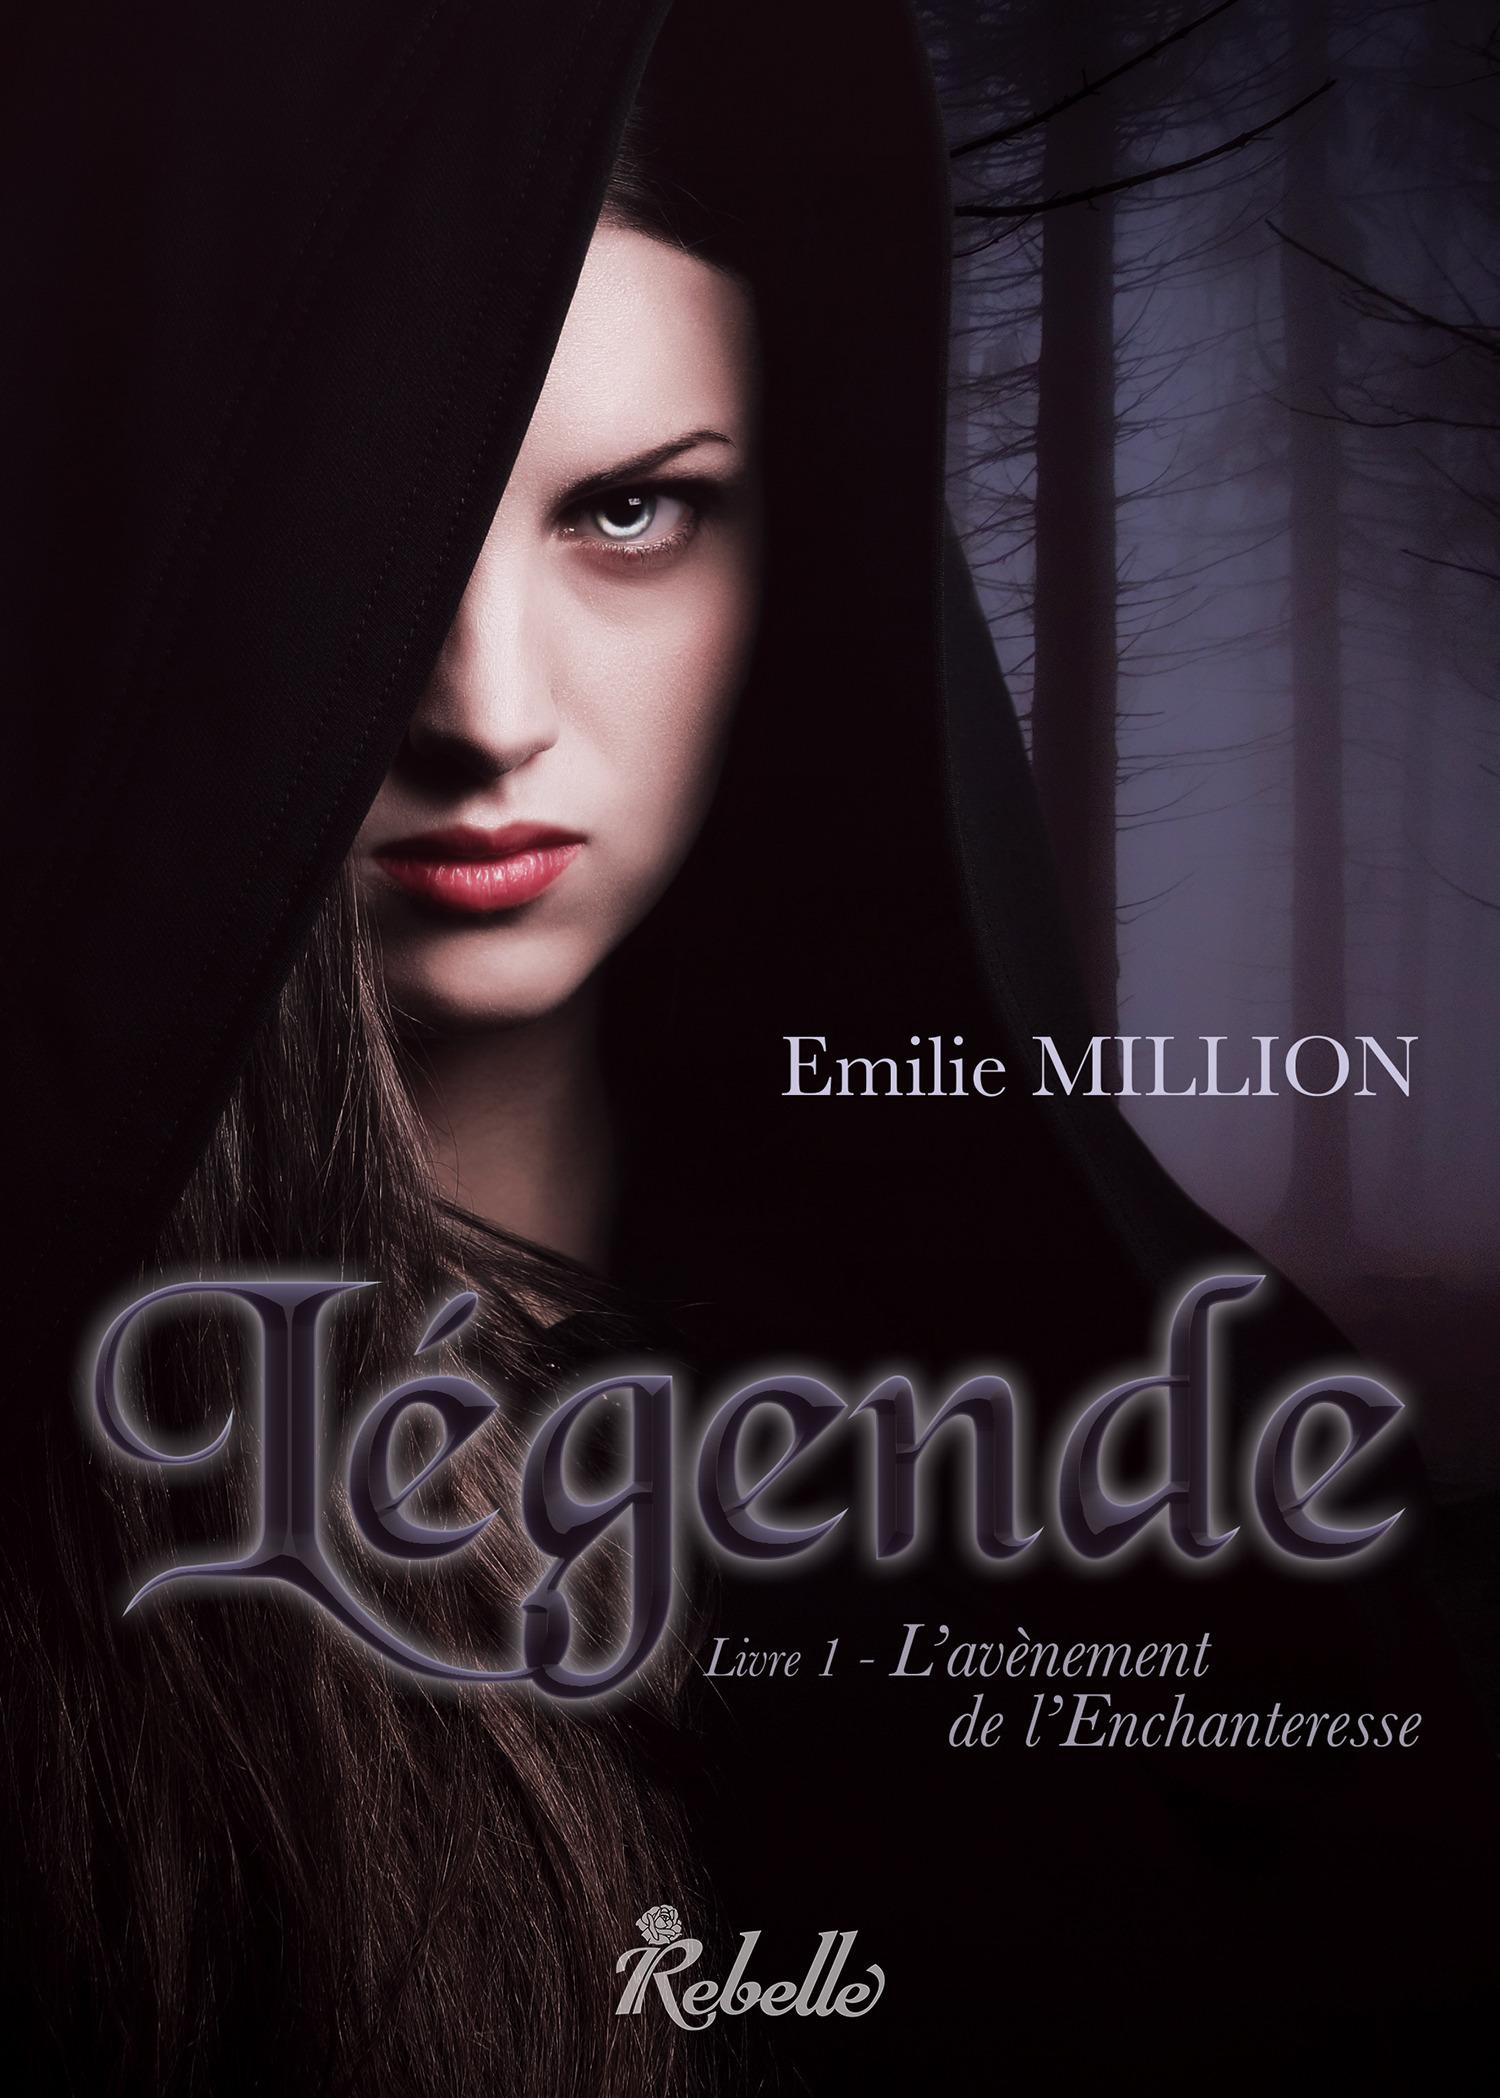 Emilie Million Légende